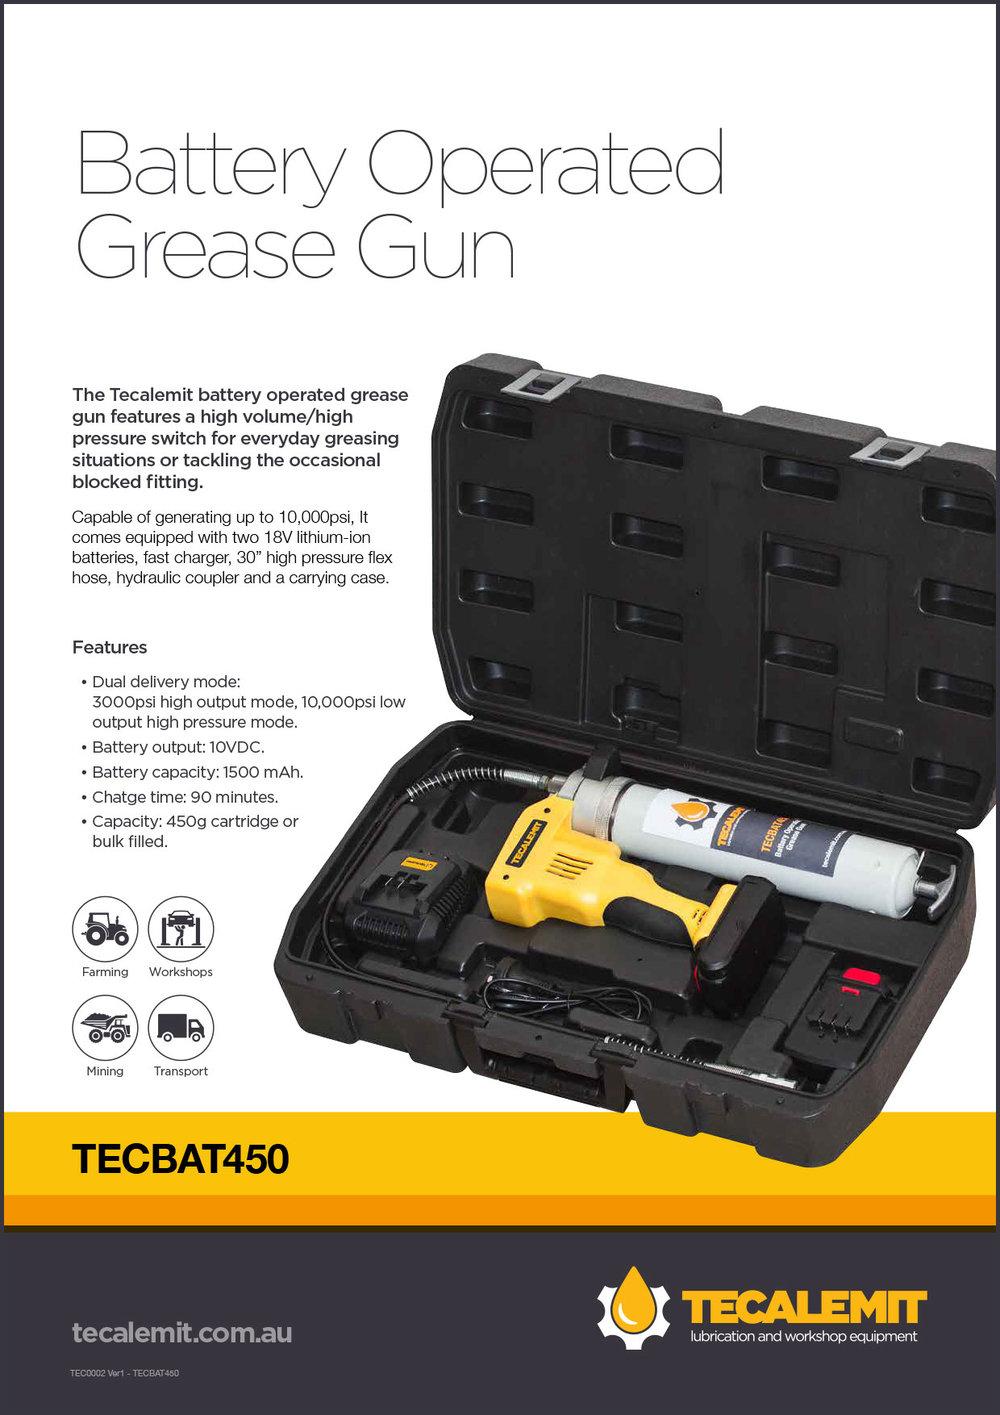 TECBAT450 Product Info